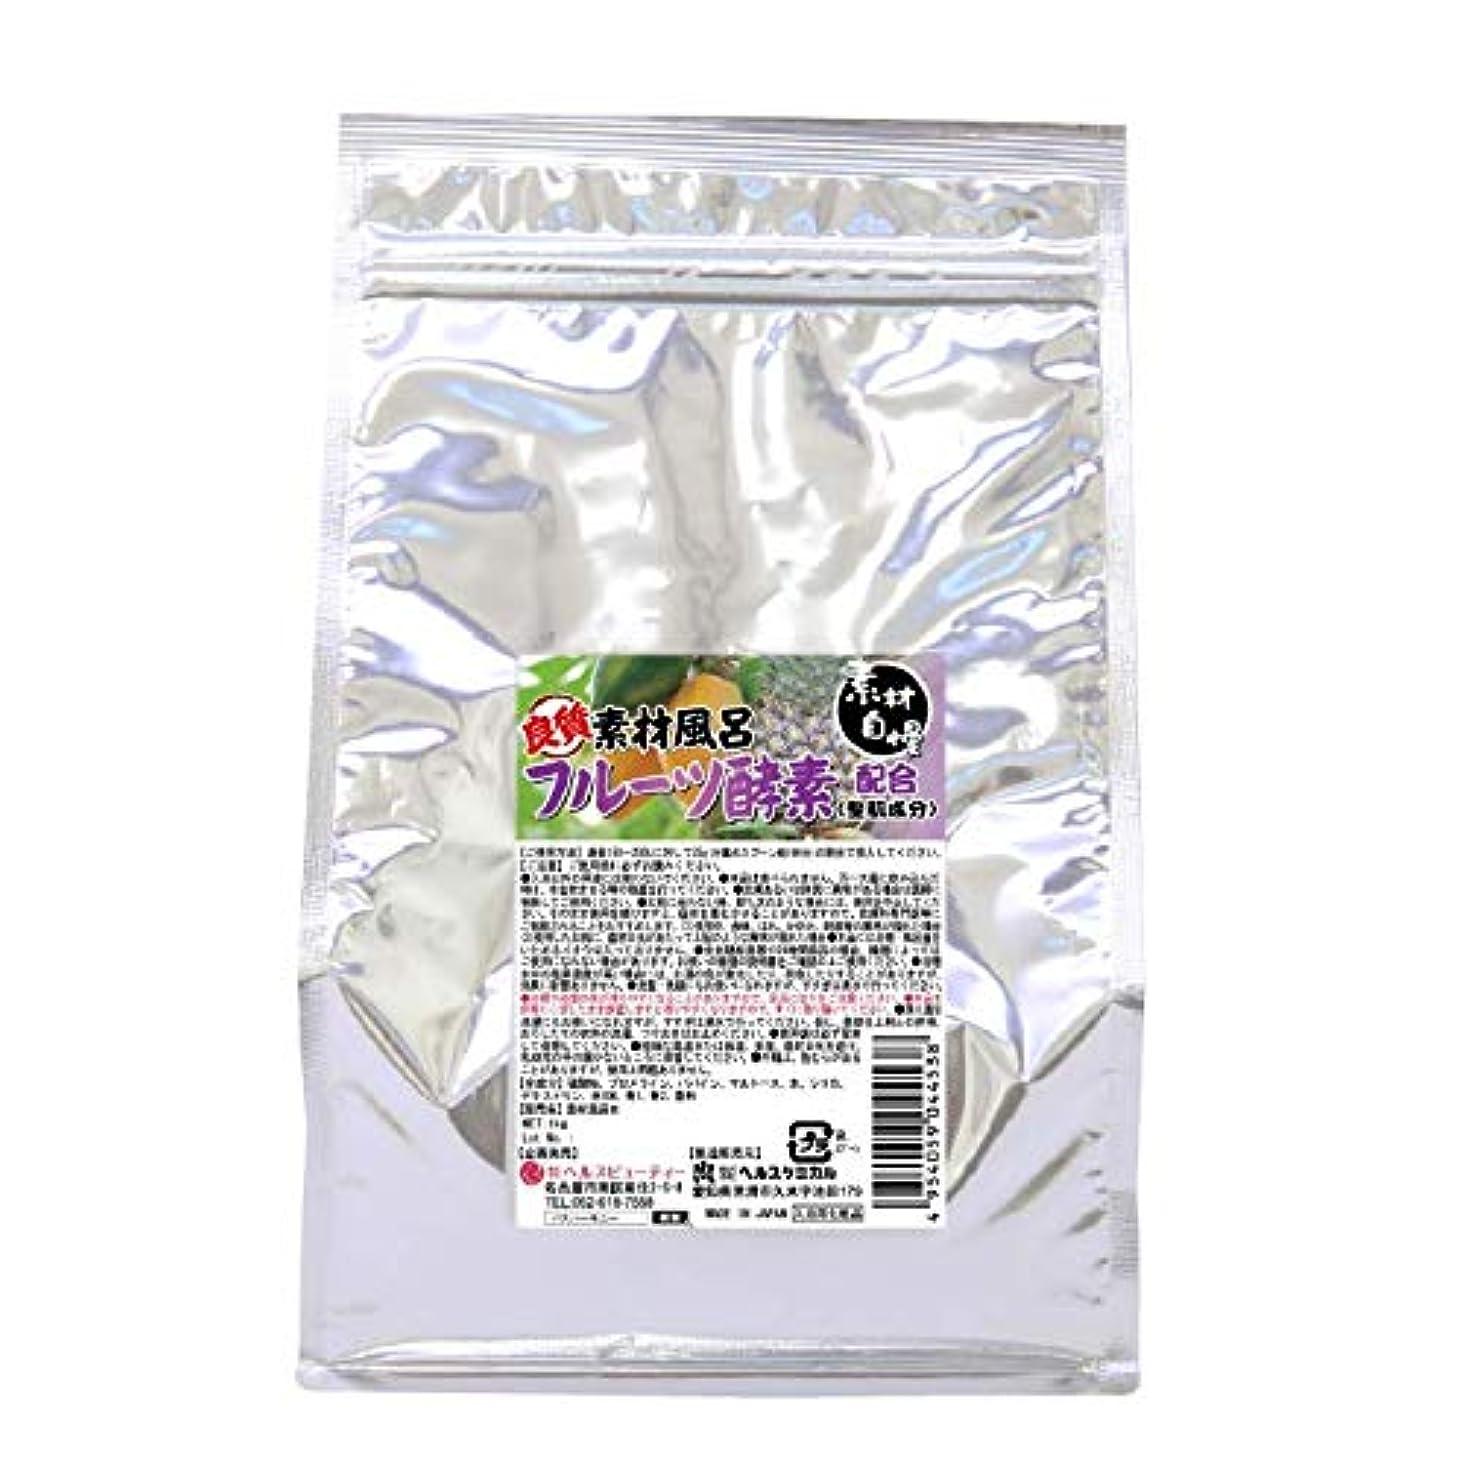 革命的ヒットコース入浴剤 湯匠仕込 フルーツ酵素配合 1kg 50回分 お徳用